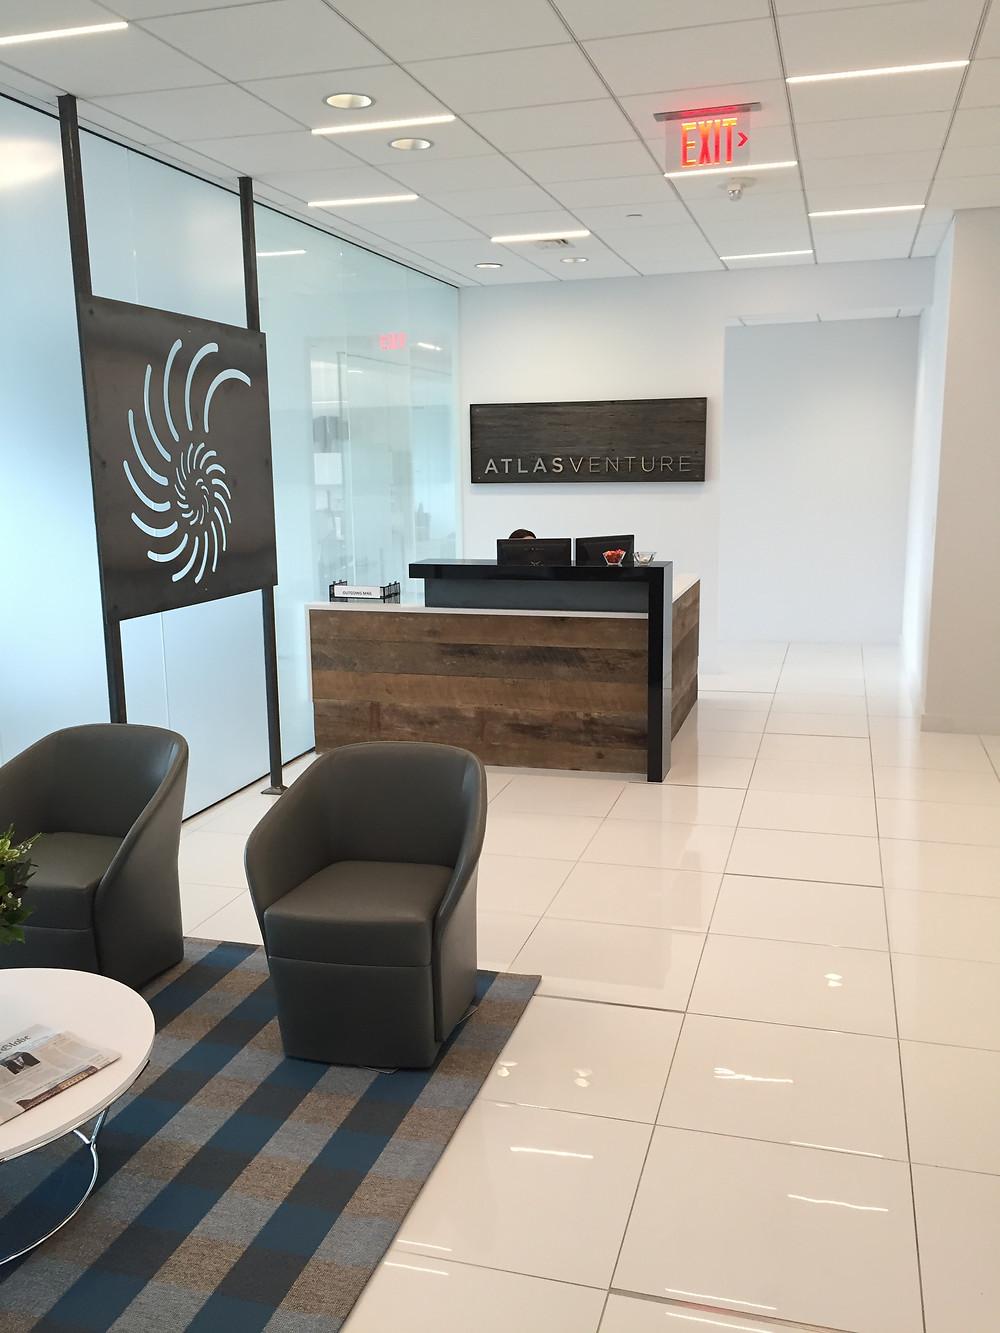 Atlas Venture Lobby